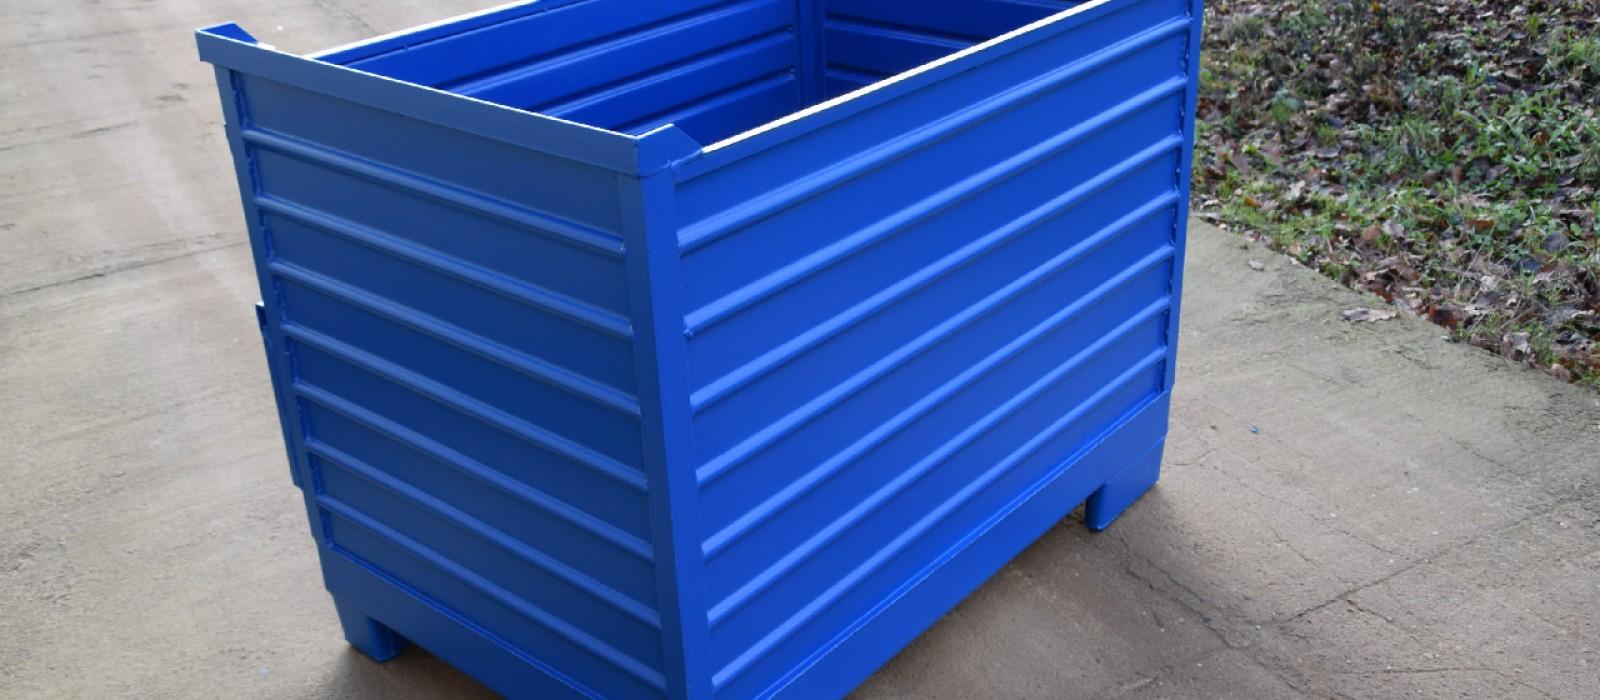 6_Sickenblechbehälter-1240x835x970-mm